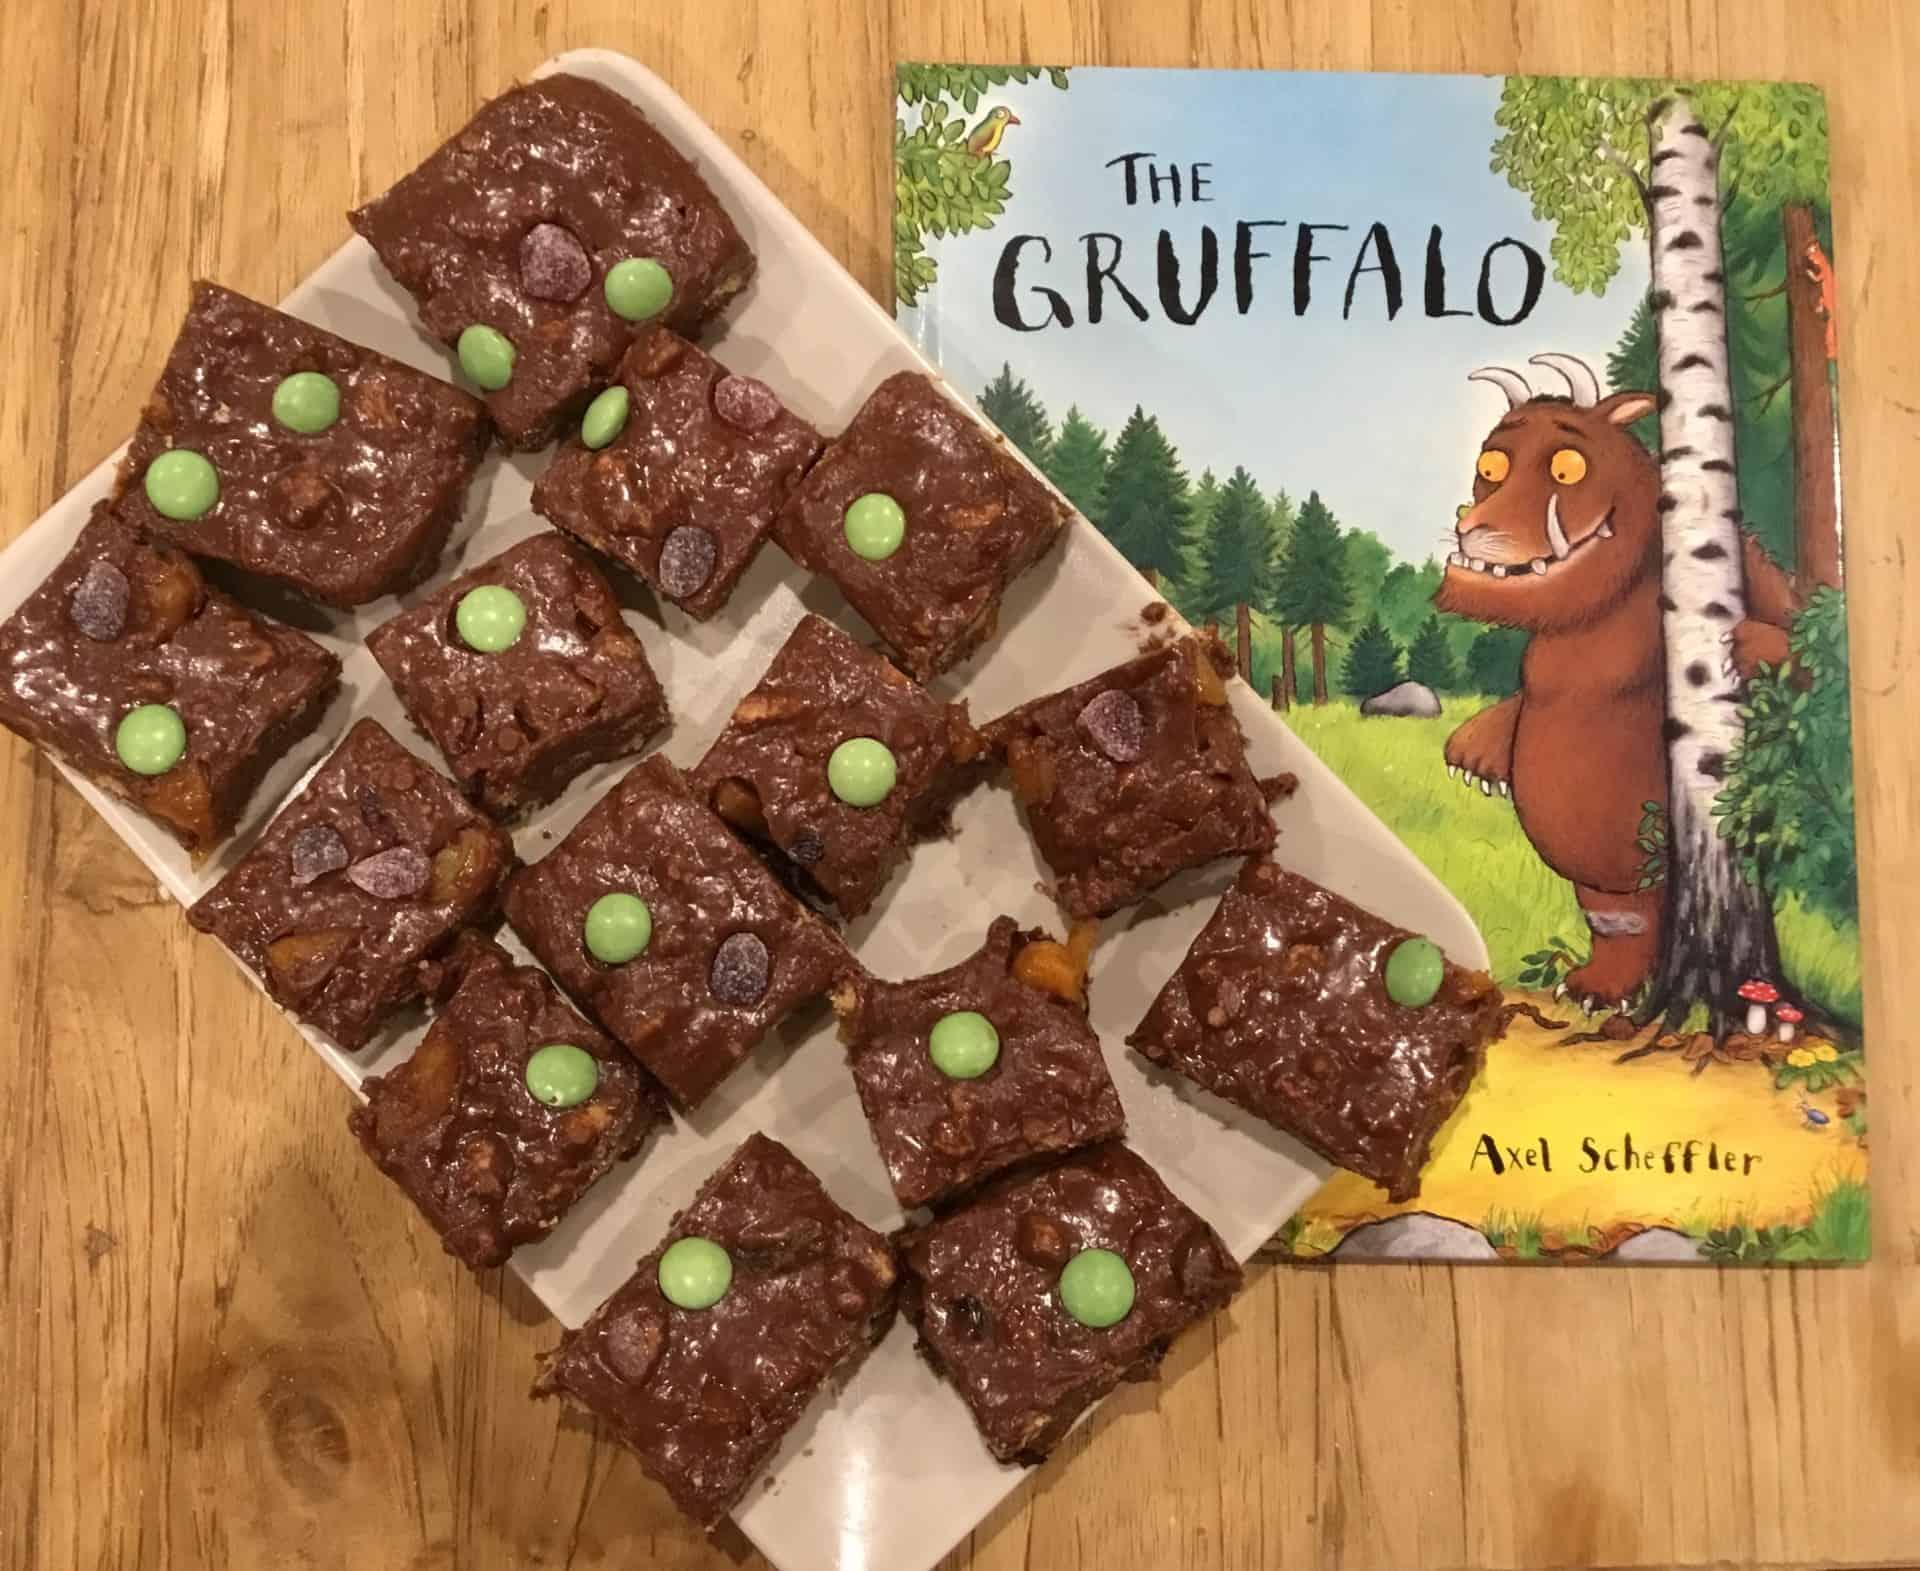 Gruffalo crumble recipe